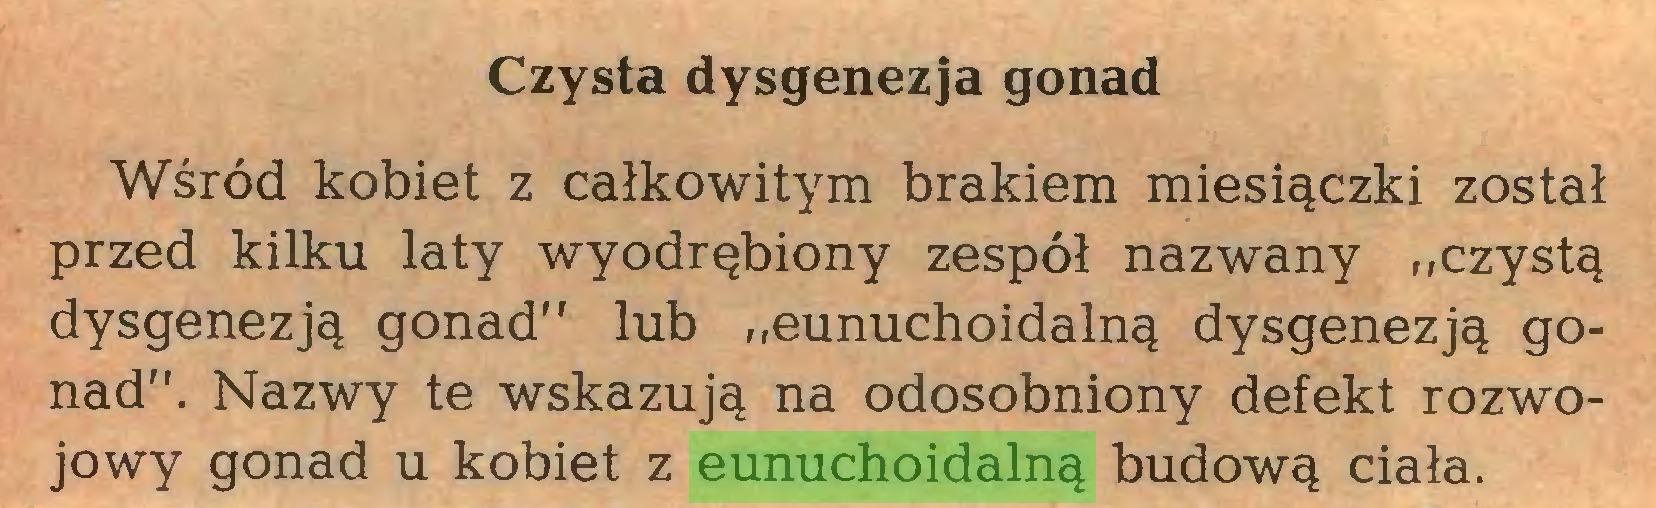 """(...) Czysta dysgenezja gonad Wśród kobiet z całkowitym brakiem miesiączki został przed kilku laty wyodrębiony zespół nazwany ,,czystą dysgenezją gonad"""" lub """"eunuchoidalną dysgenezją gonad"""". Nazwy te wskazują na odosobniony defekt rozwojowy gonad u kobiet z eunuchoidalną budową ciała..."""